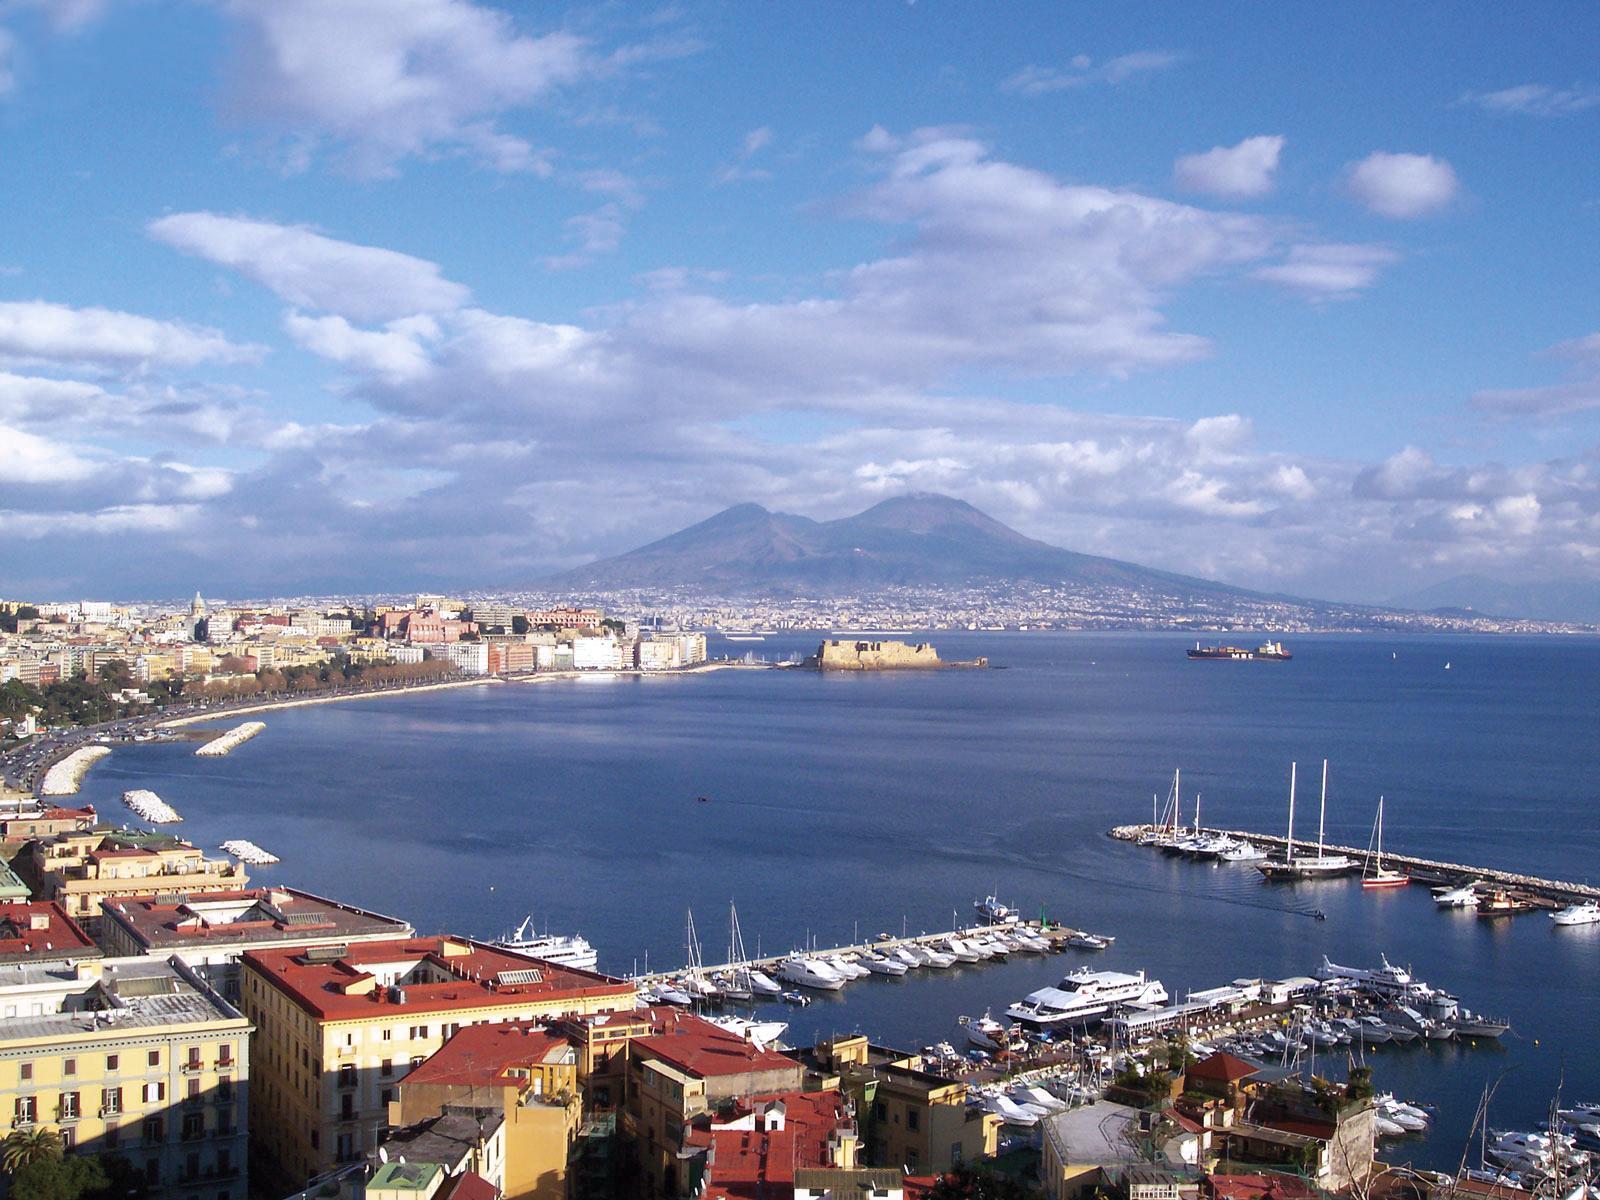 Previsioni meteo Napoli: dopo la neve torna il bel tempo